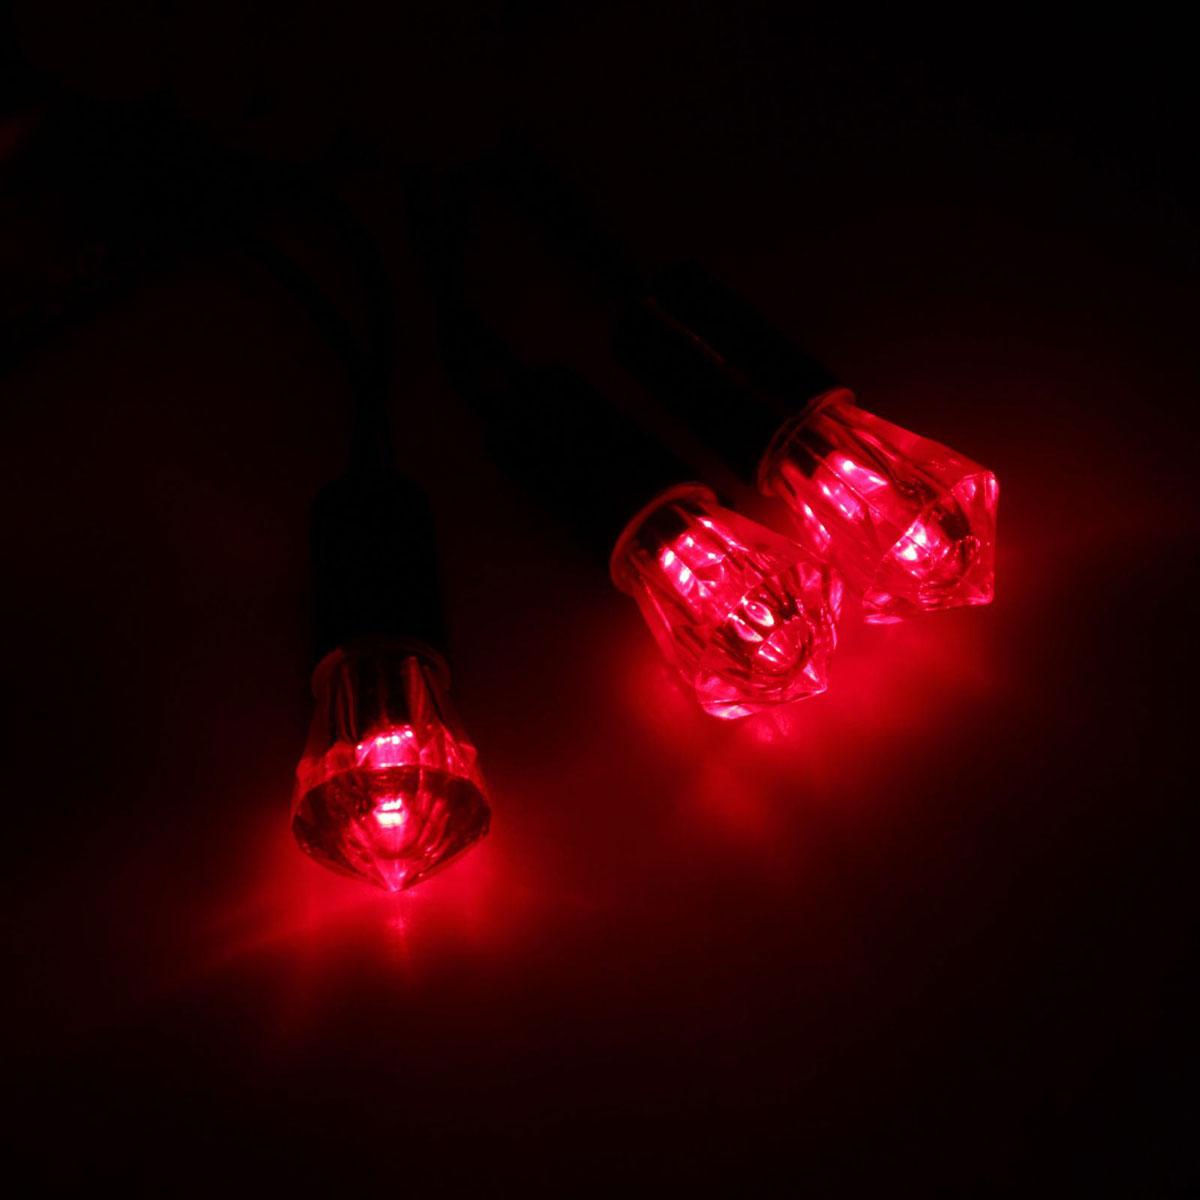 Гирлянда светодиодная Luazon Метраж. Хрусталь, уличная с насадкой, фиксинг, 40 ламп, 220 V, 5 м, цвет: красный. 10800651080065Светодиодные гирлянды, ленты и т.д. — это отличный вариант для новогоднего оформления интерьера или фасада. С их помощью помещение любого размера можно превратить в праздничный зал, а внешние элементы зданий, украшенные ими, мгновенно станут напоминать очертания сказочного дворца. Такие украшения создают ауру предвкушения чуда. Деревья, фасады, витрины, окна и арки будто специально созданы, чтобы вы украсили их светящимися нитями.